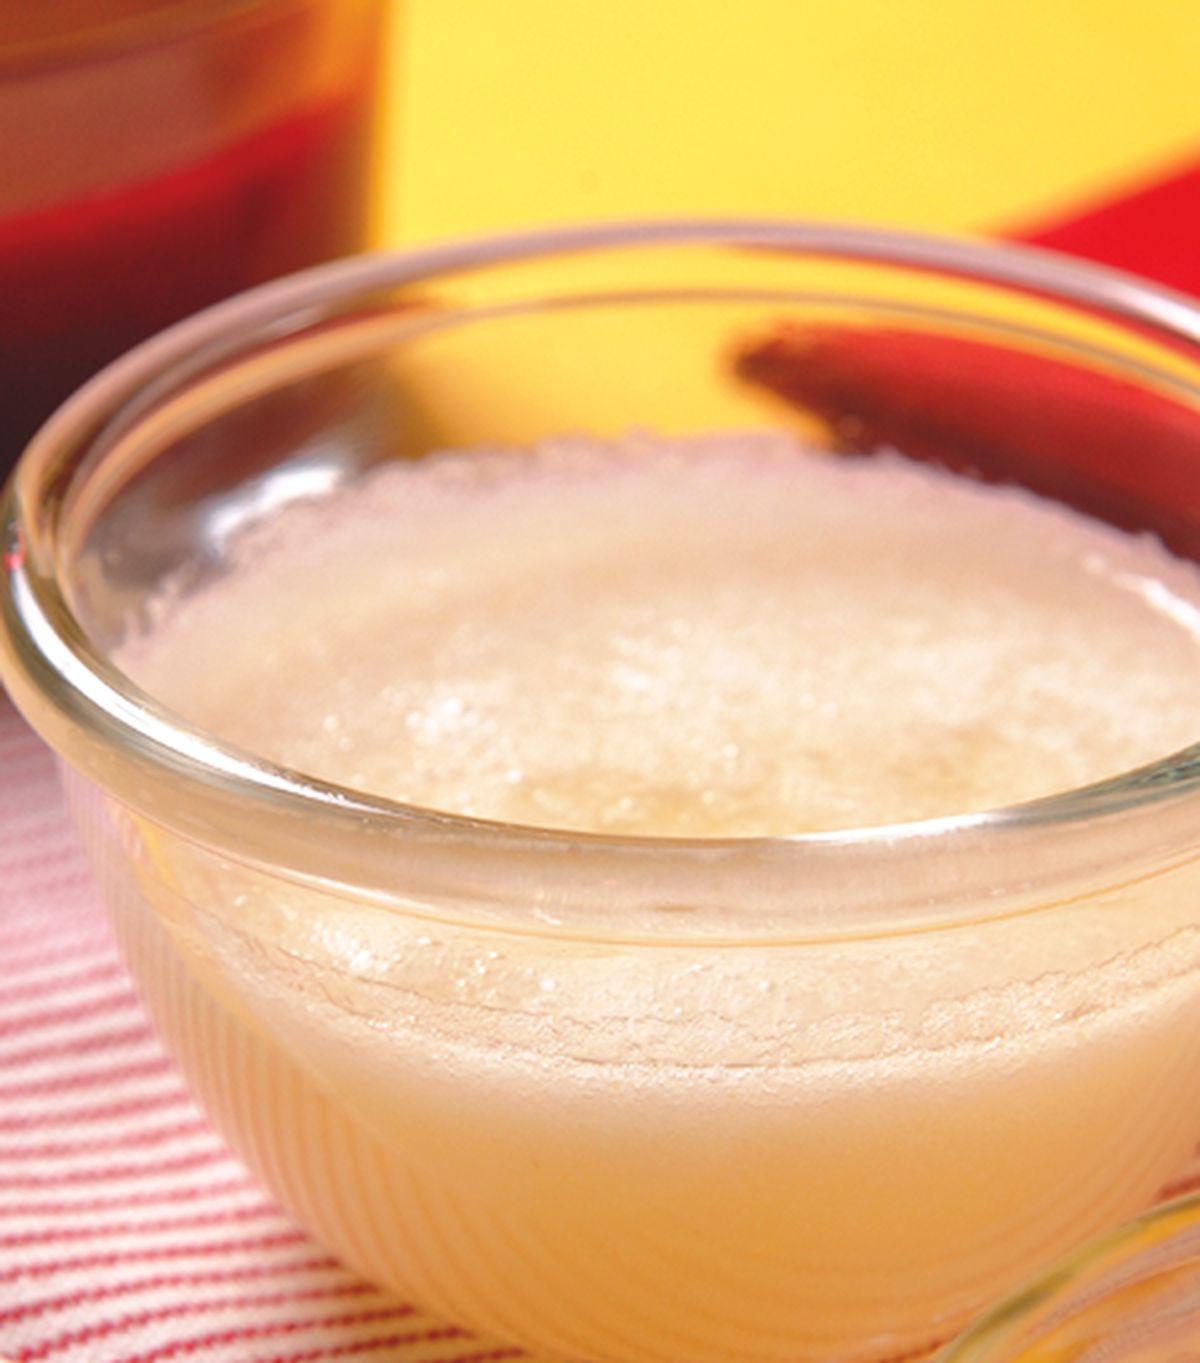 食譜:洋梨醬汁